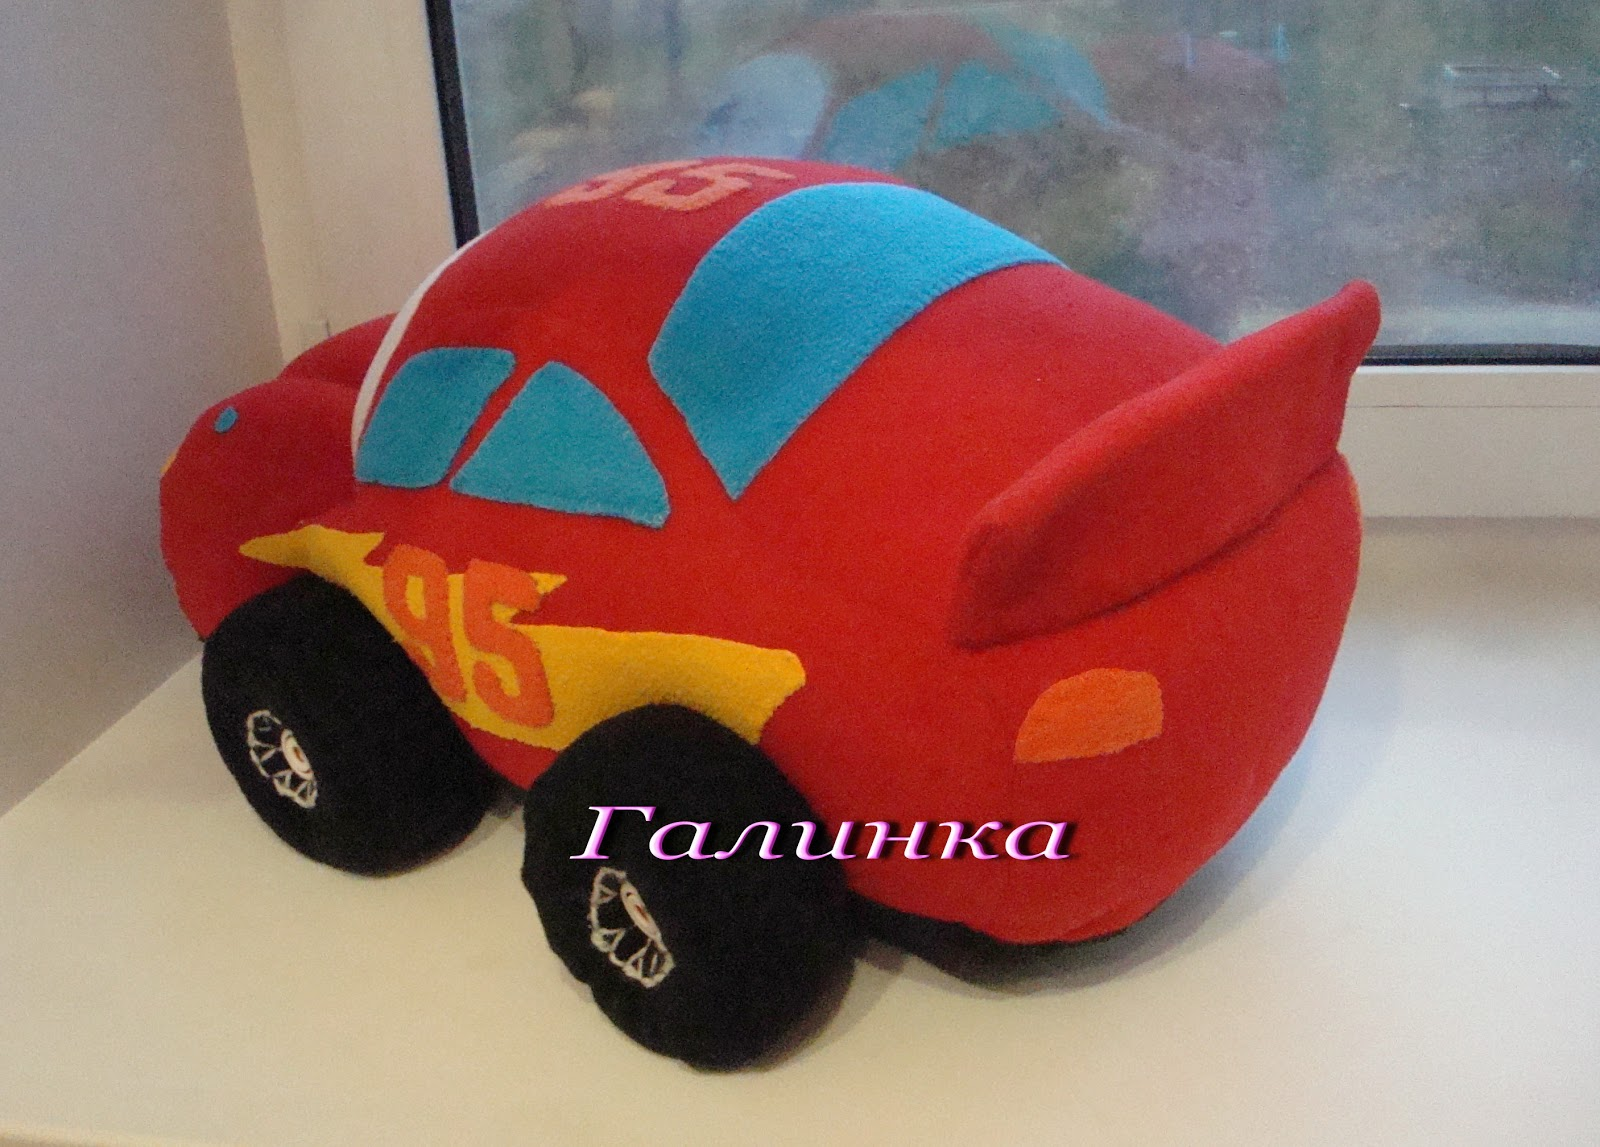 Машинка Мэтр из конфет мастер-класс с пошаговыми фото 58